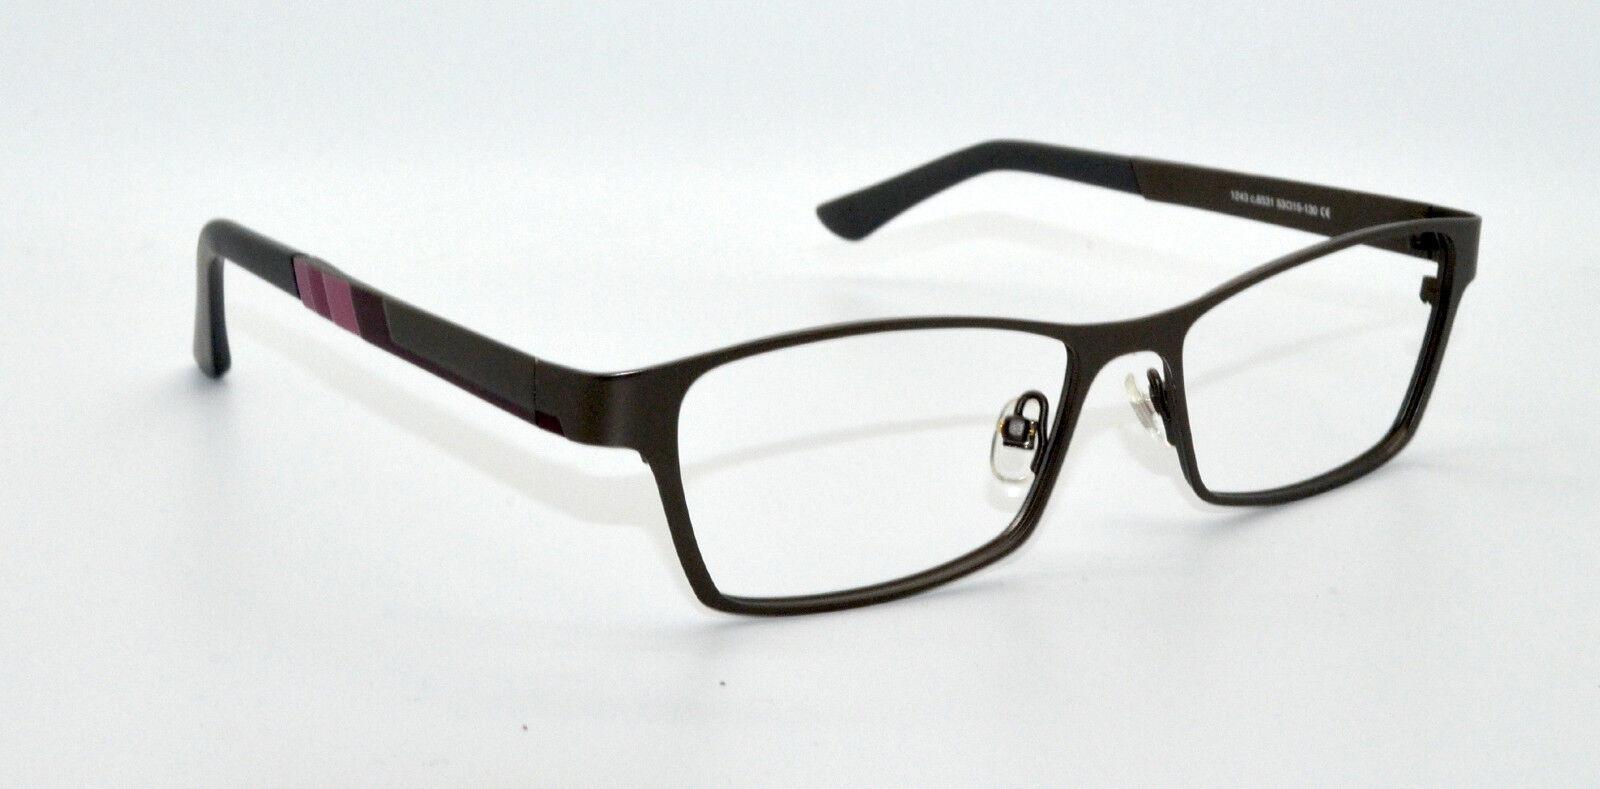 100 Authentic PRODESIGN Denmark 1243 C.6531 Gray Eyeglasses Frames ...